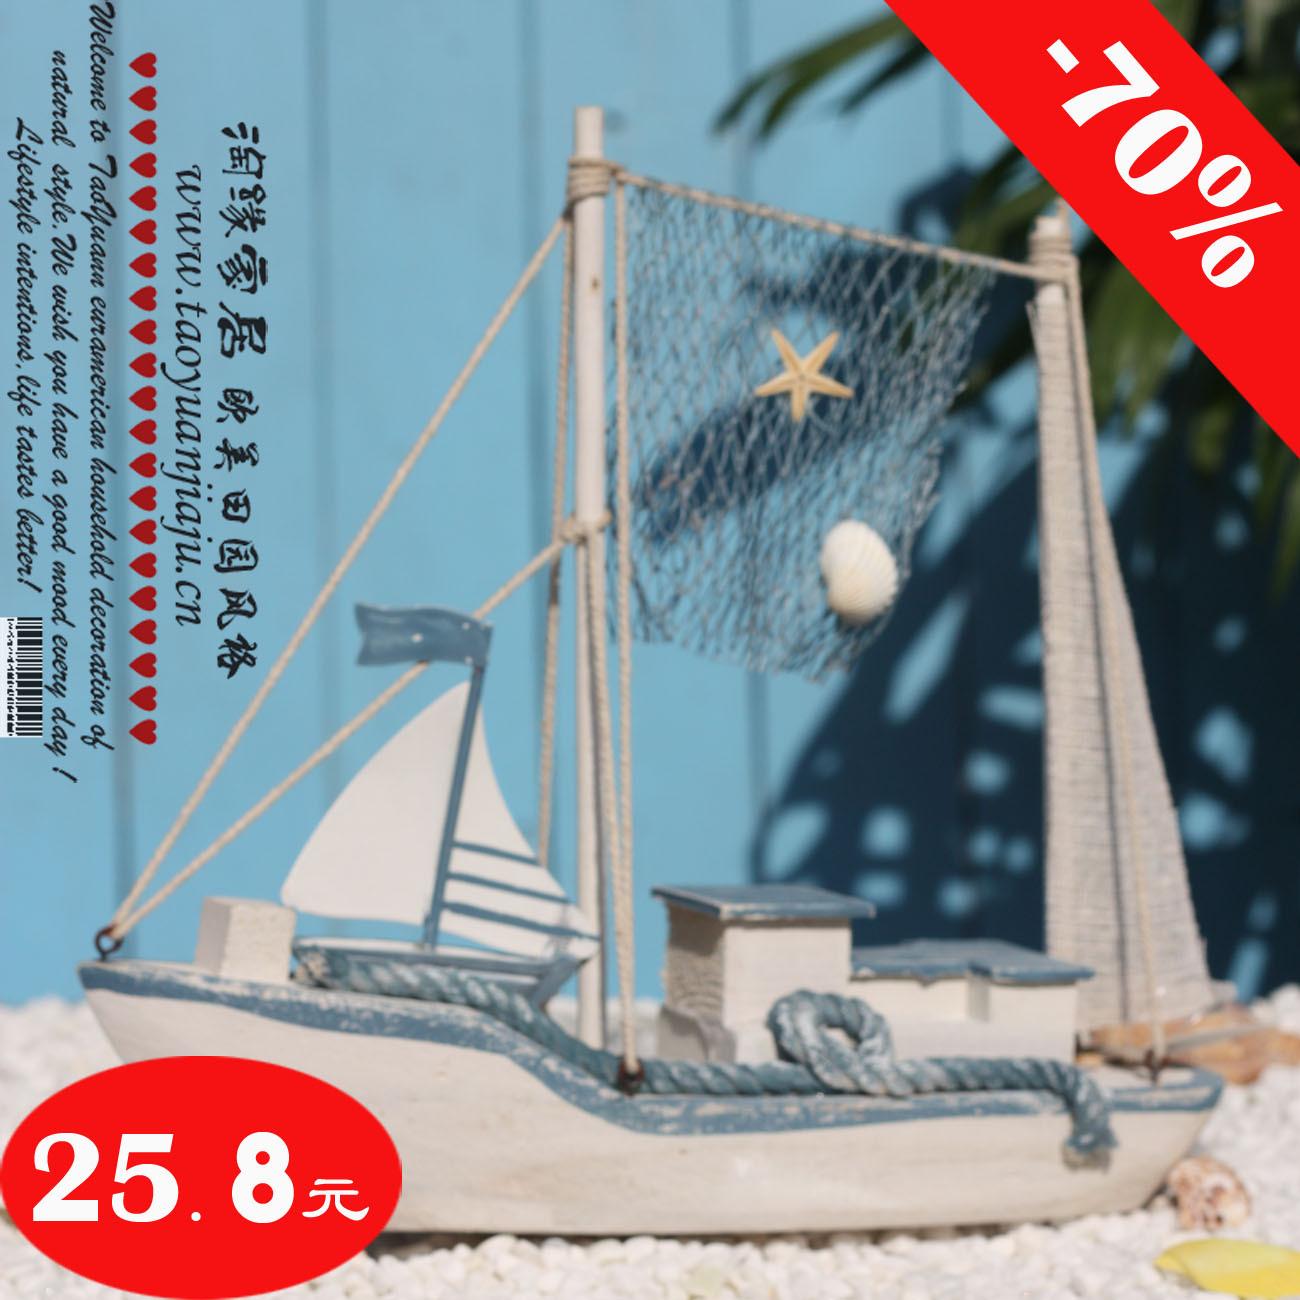 Wood sailing boat decoration model shelf decoration(China (Mainland))